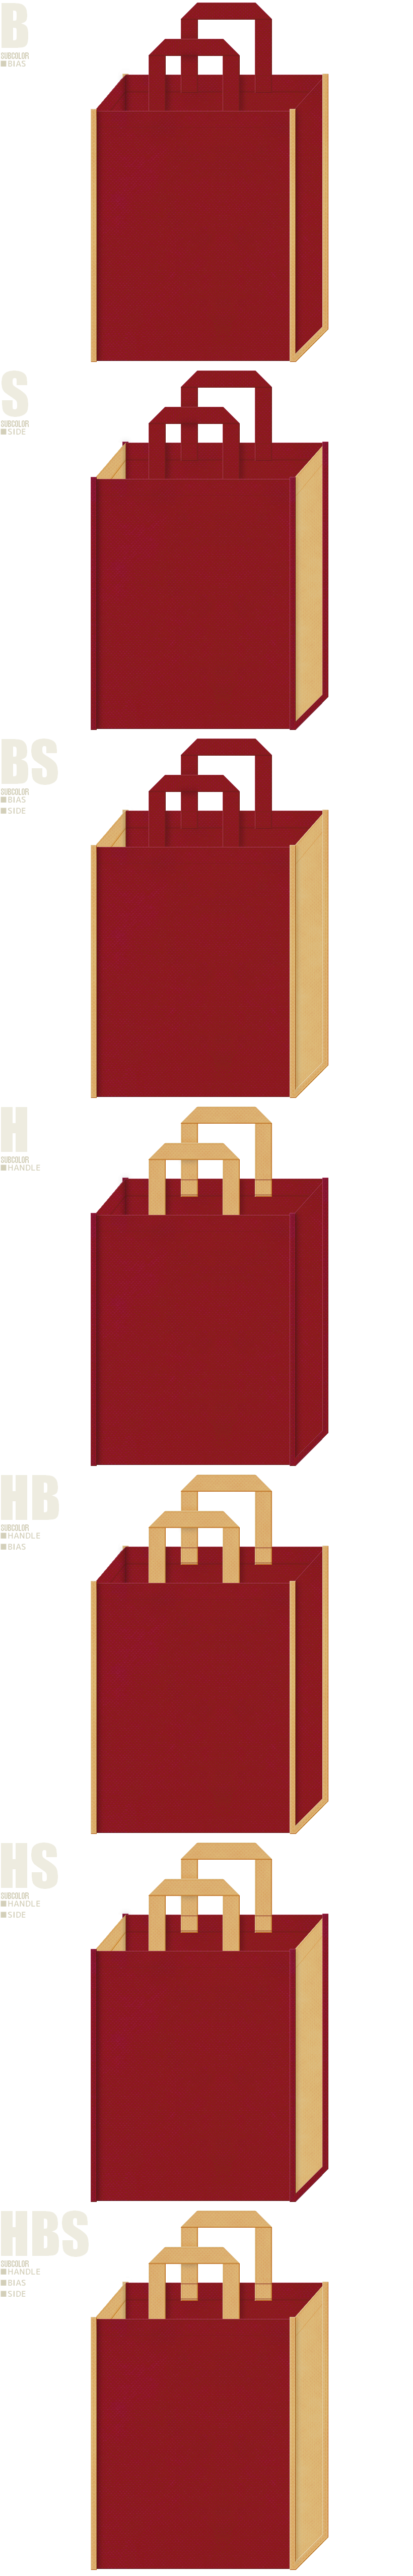 エンジ色と薄黄土色、7パターンの不織布トートバッグ配色デザイン例。寄席・演芸場のバッグノベルティにお奨めです。